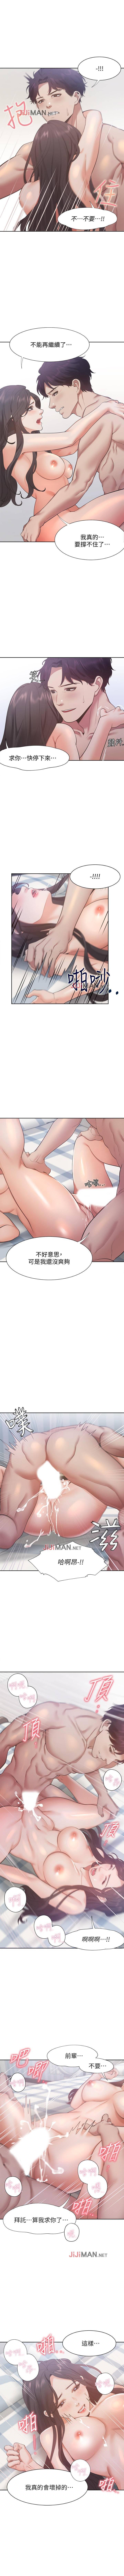 【周五连载】渴望:爱火难耐(作者:Appeal&格子17) 第1~24话 169